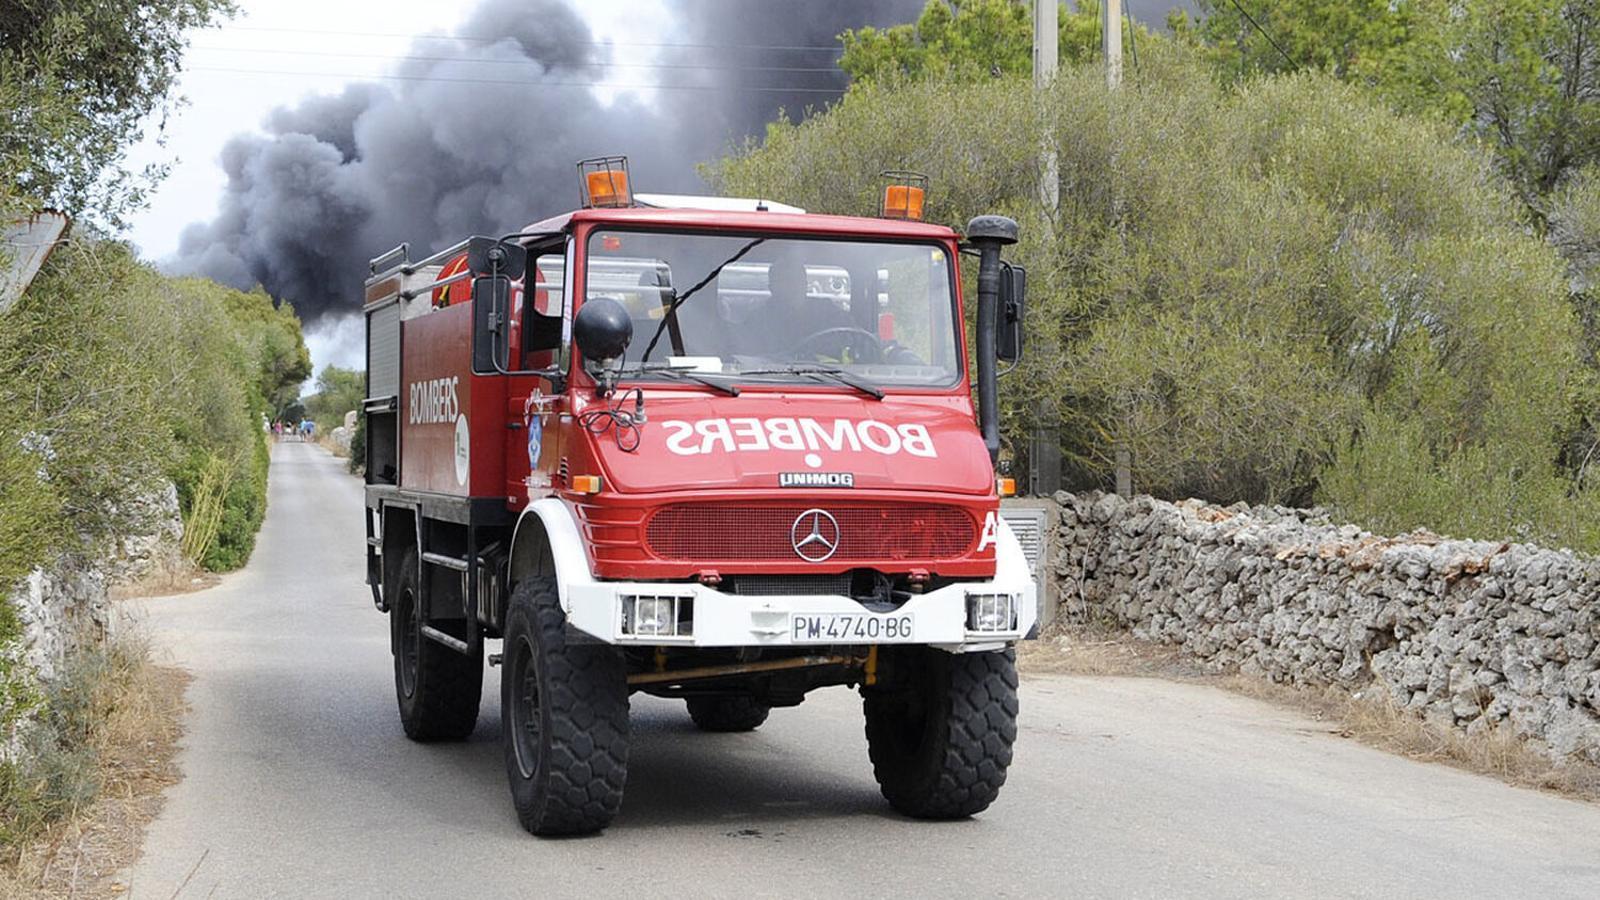 Els Bombers de Menorca asseguren estar preparats per a donar resposta a qualsevol foc que es pugui declarar.